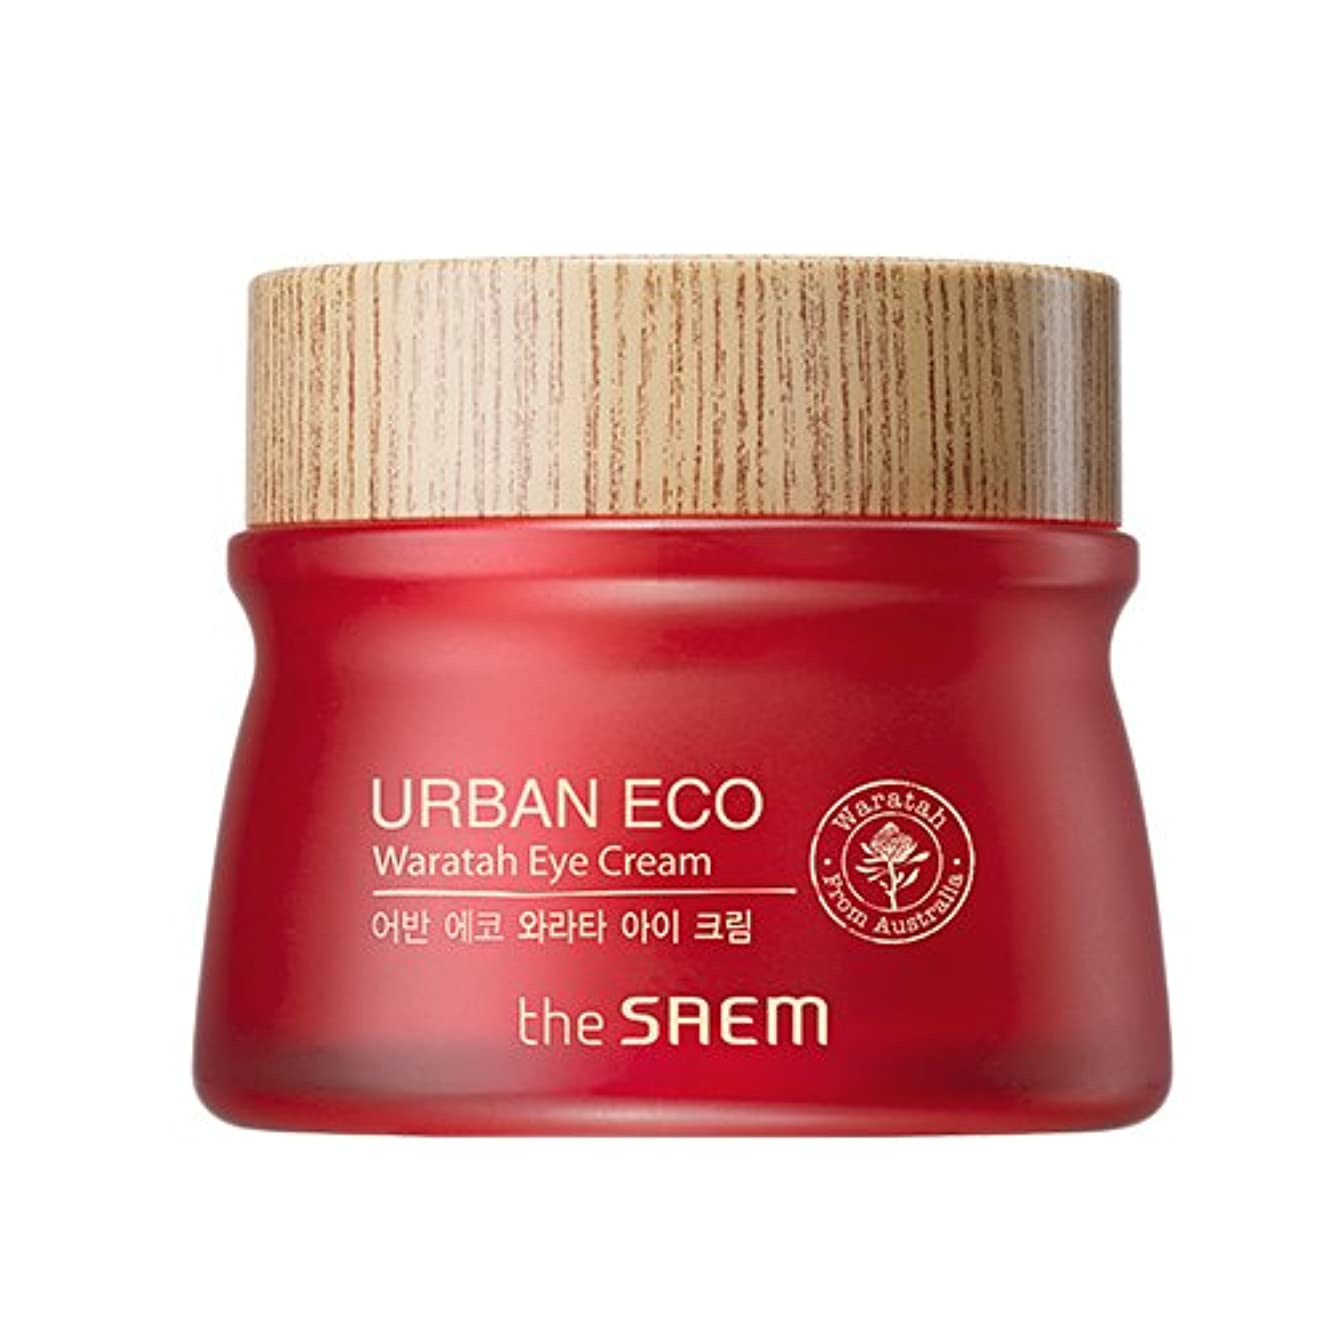 必須線天窓ドセム アーバンエコワラターアイクリーム 30ml Urban Eco Waratah Eye Cream [並行輸入品]